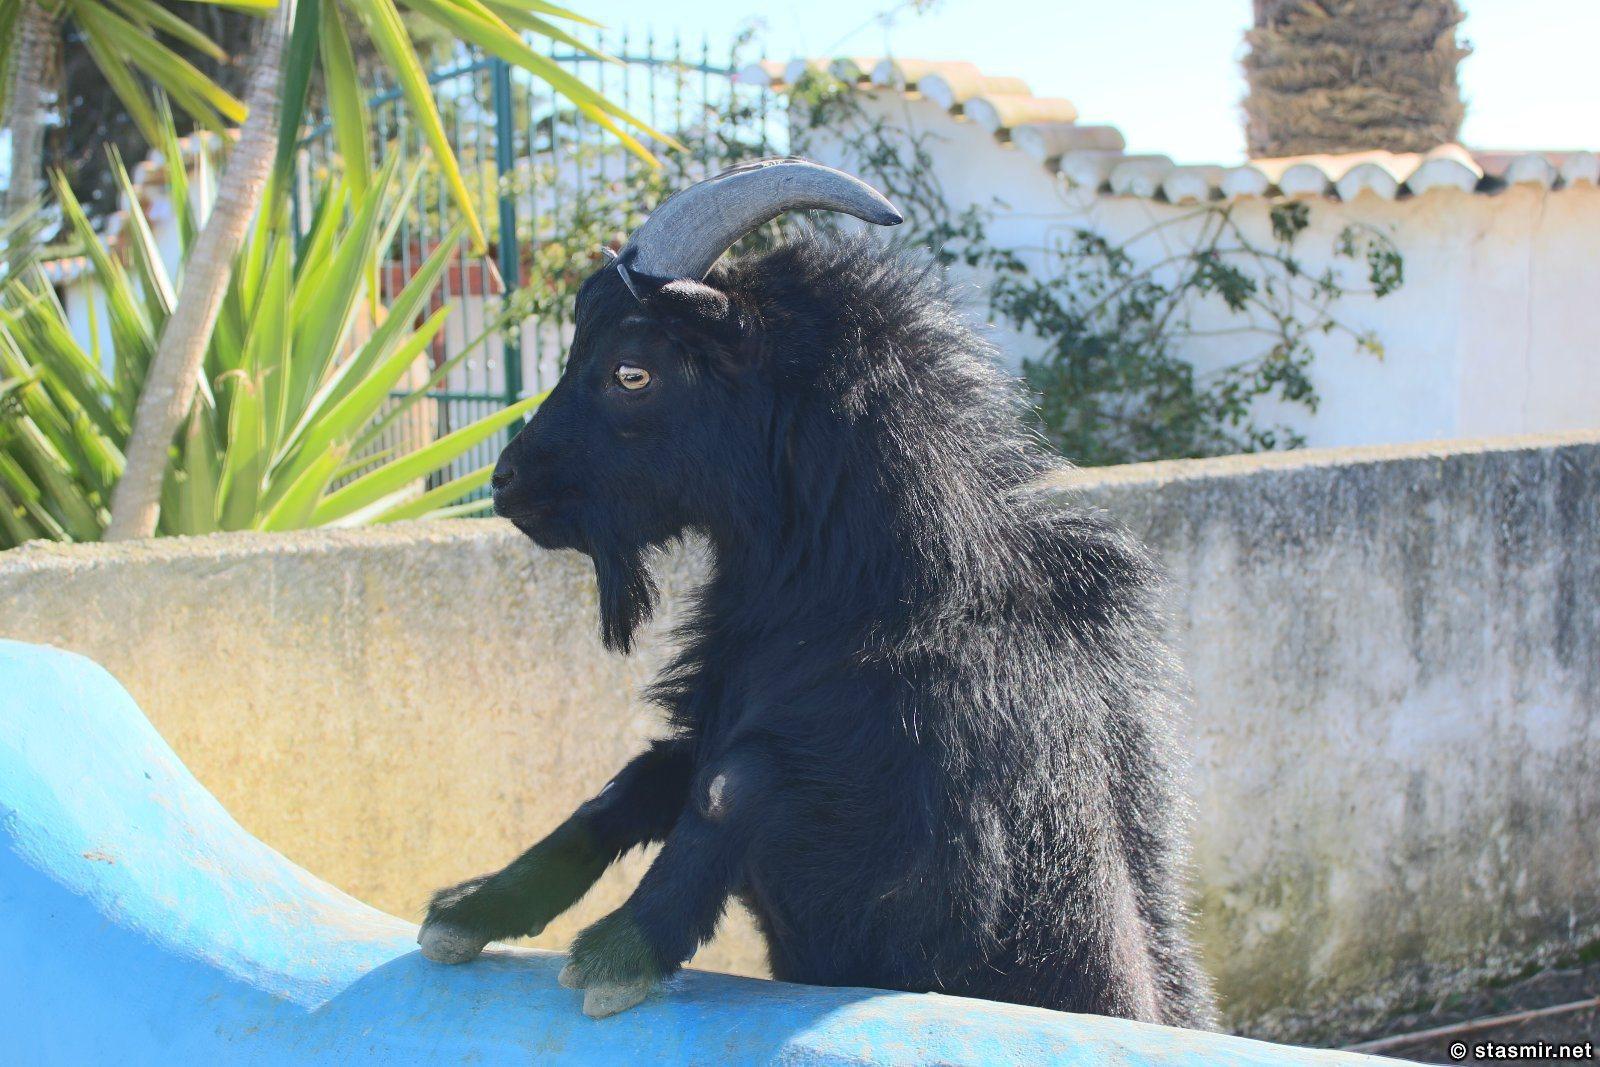 козел в Португалии, фото Стасмир, photo Stasmir